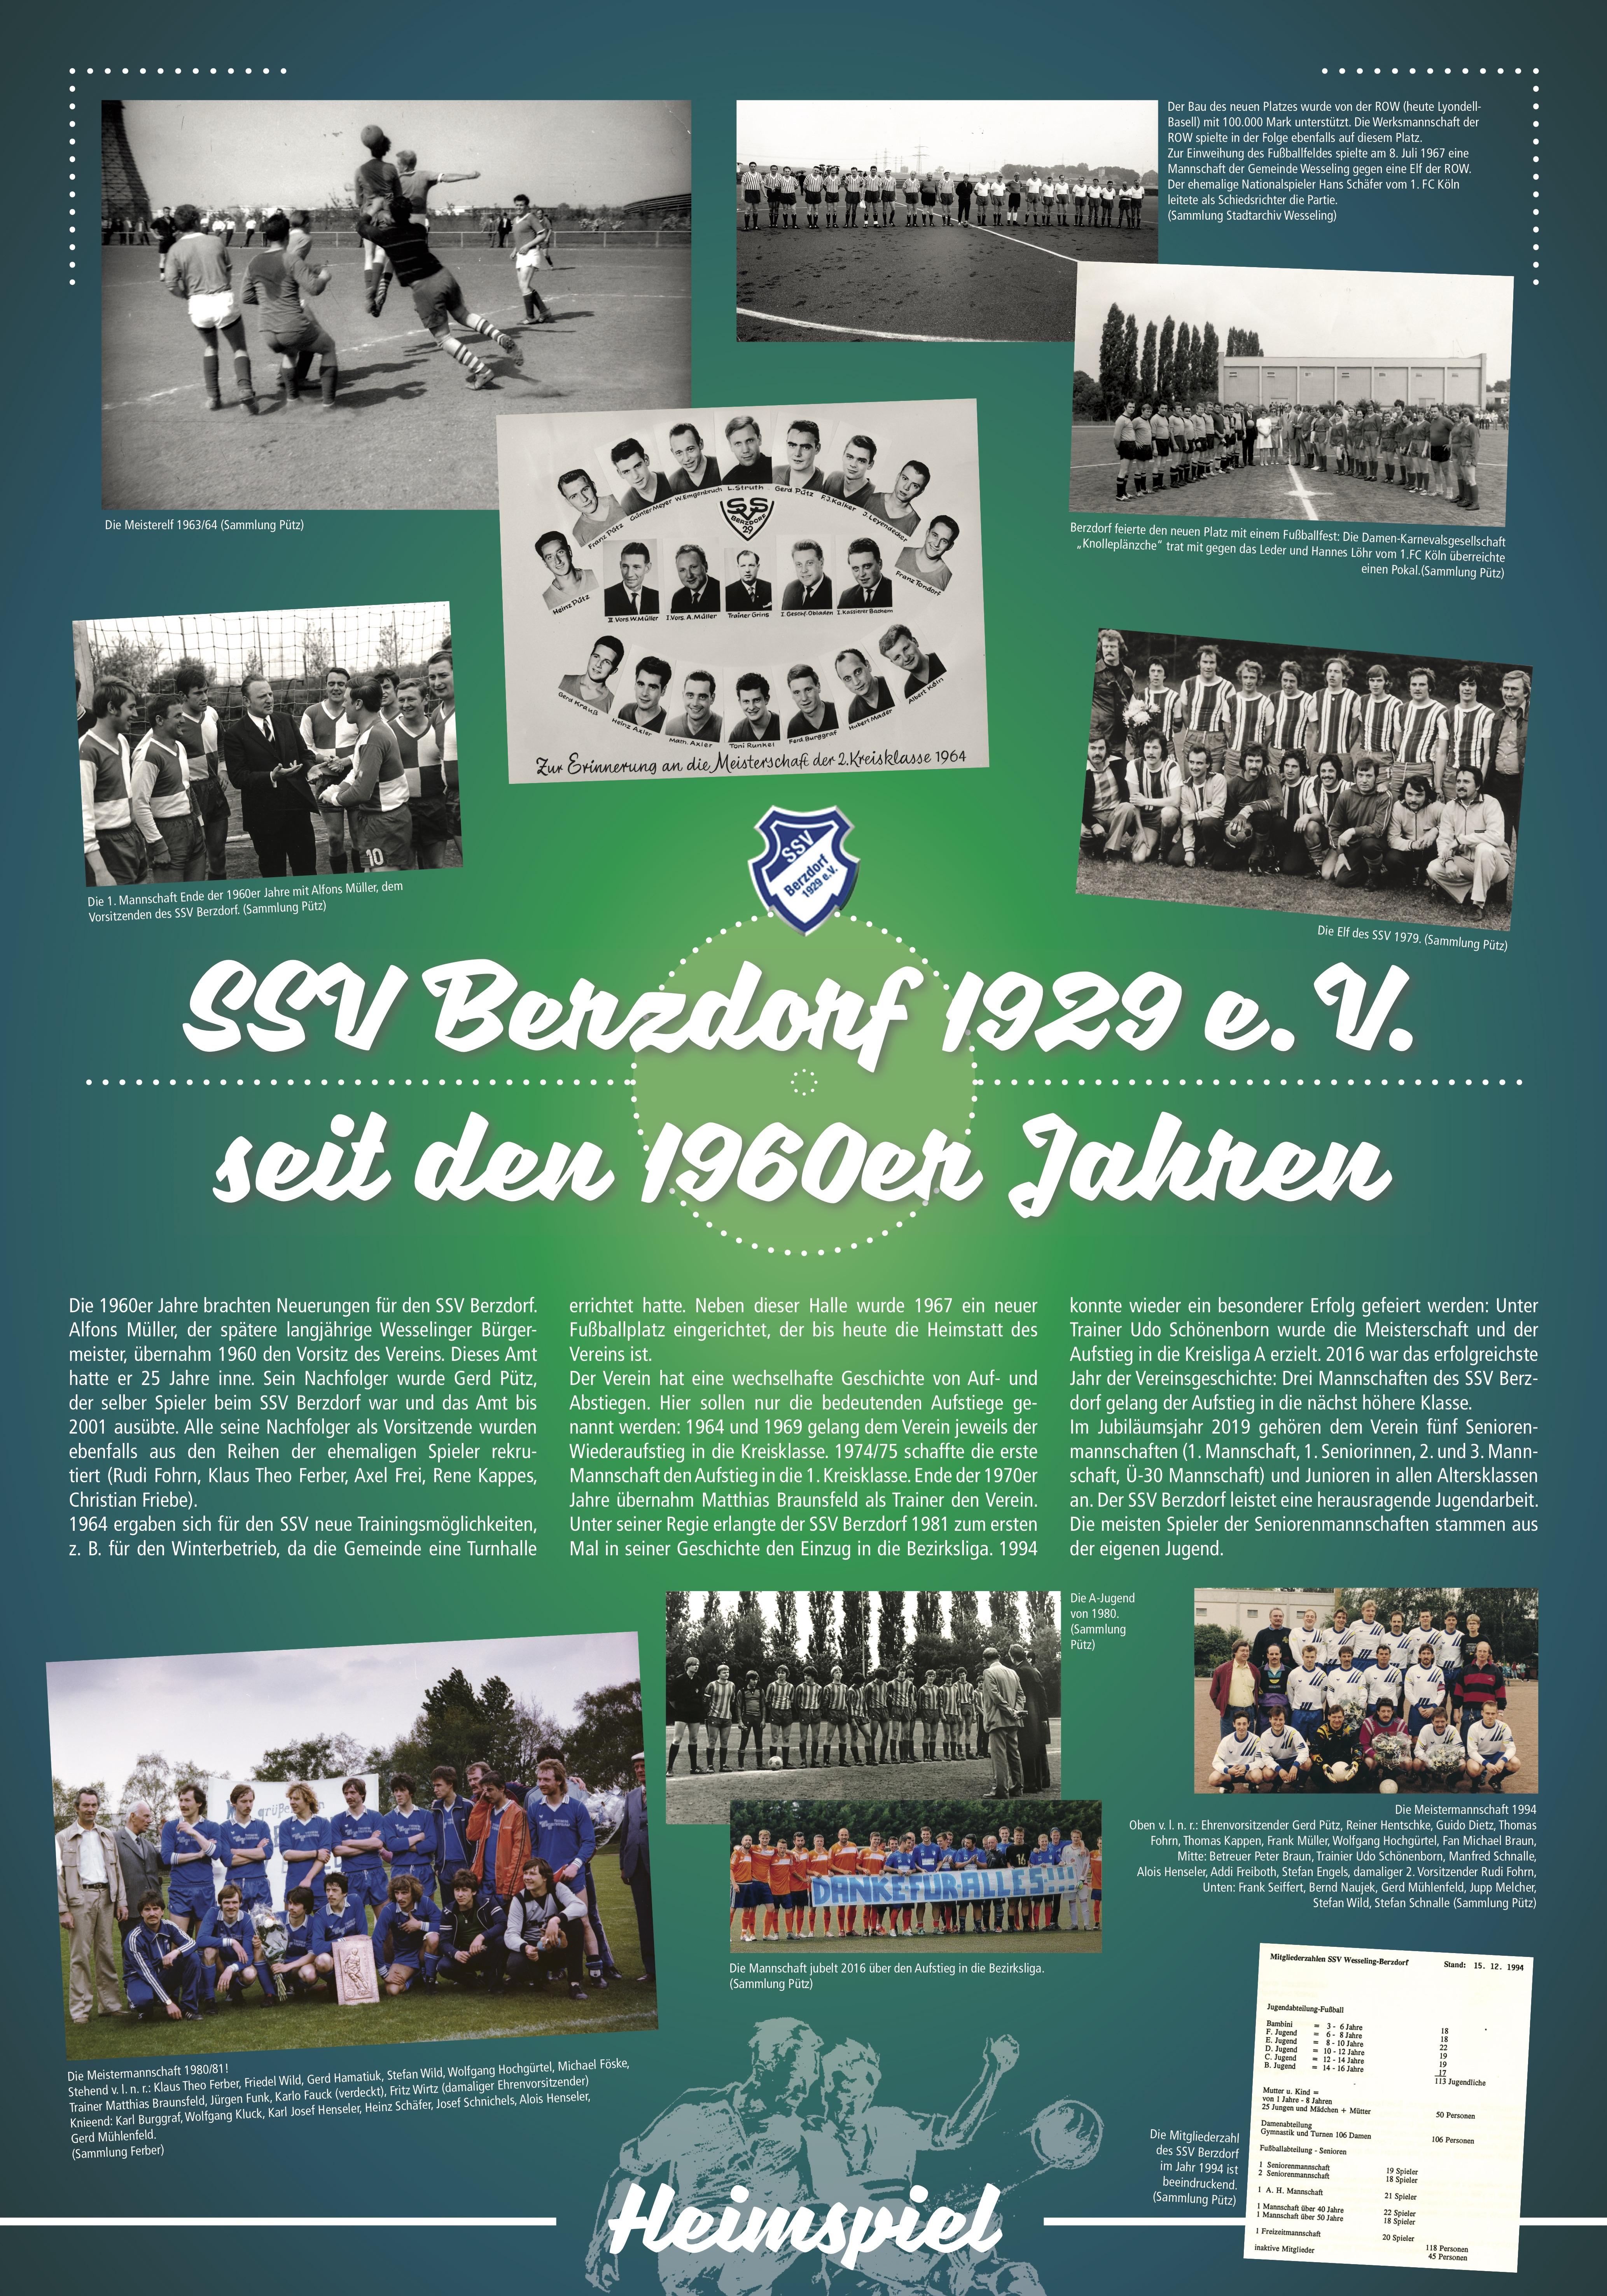 08-SSV Berzdorf-seit 1960